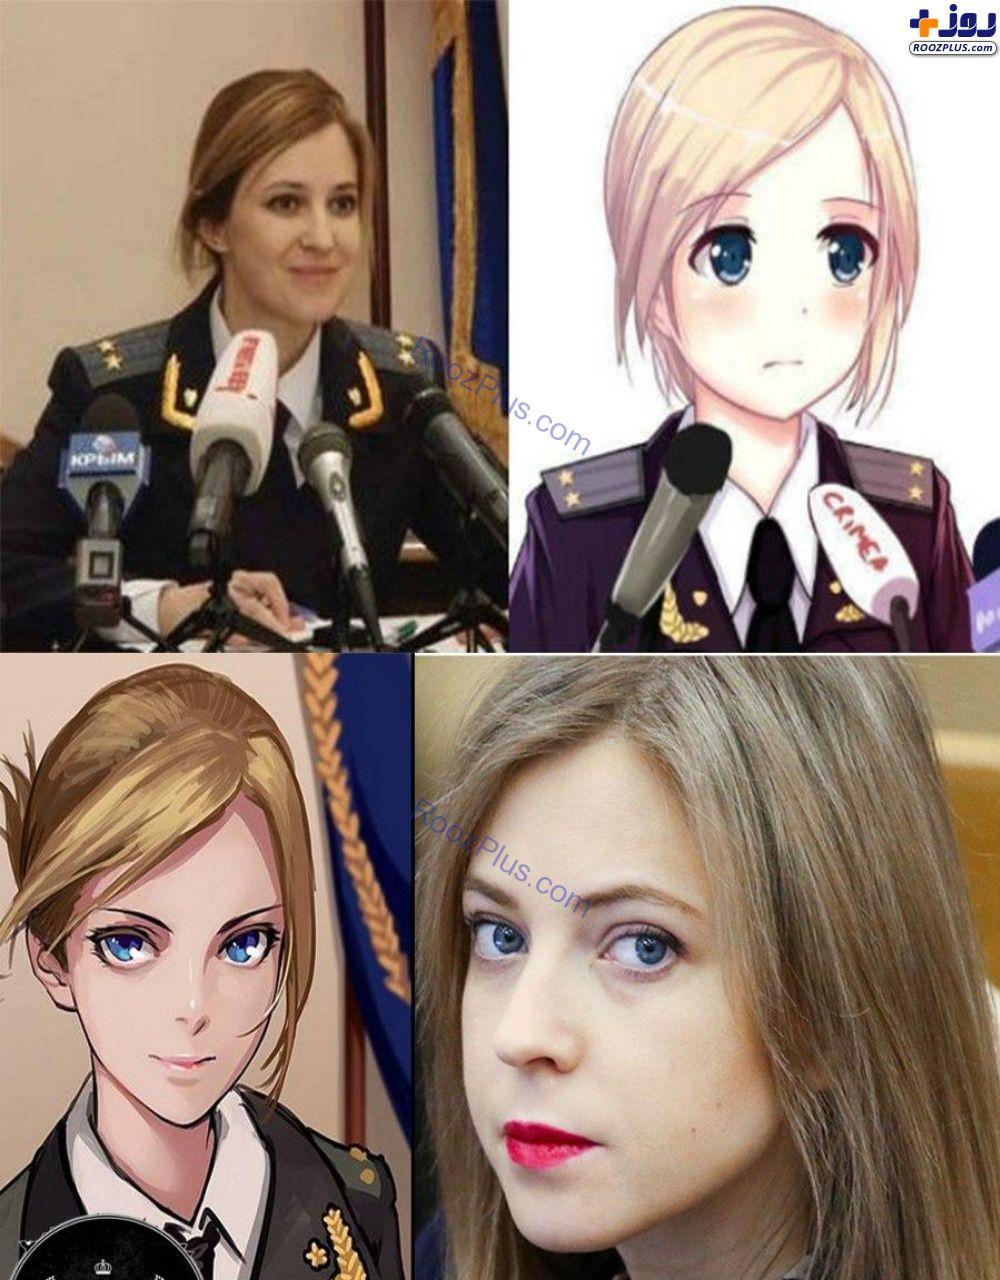 مجبوب ترین رئیس پلیس زن جهان +عکس